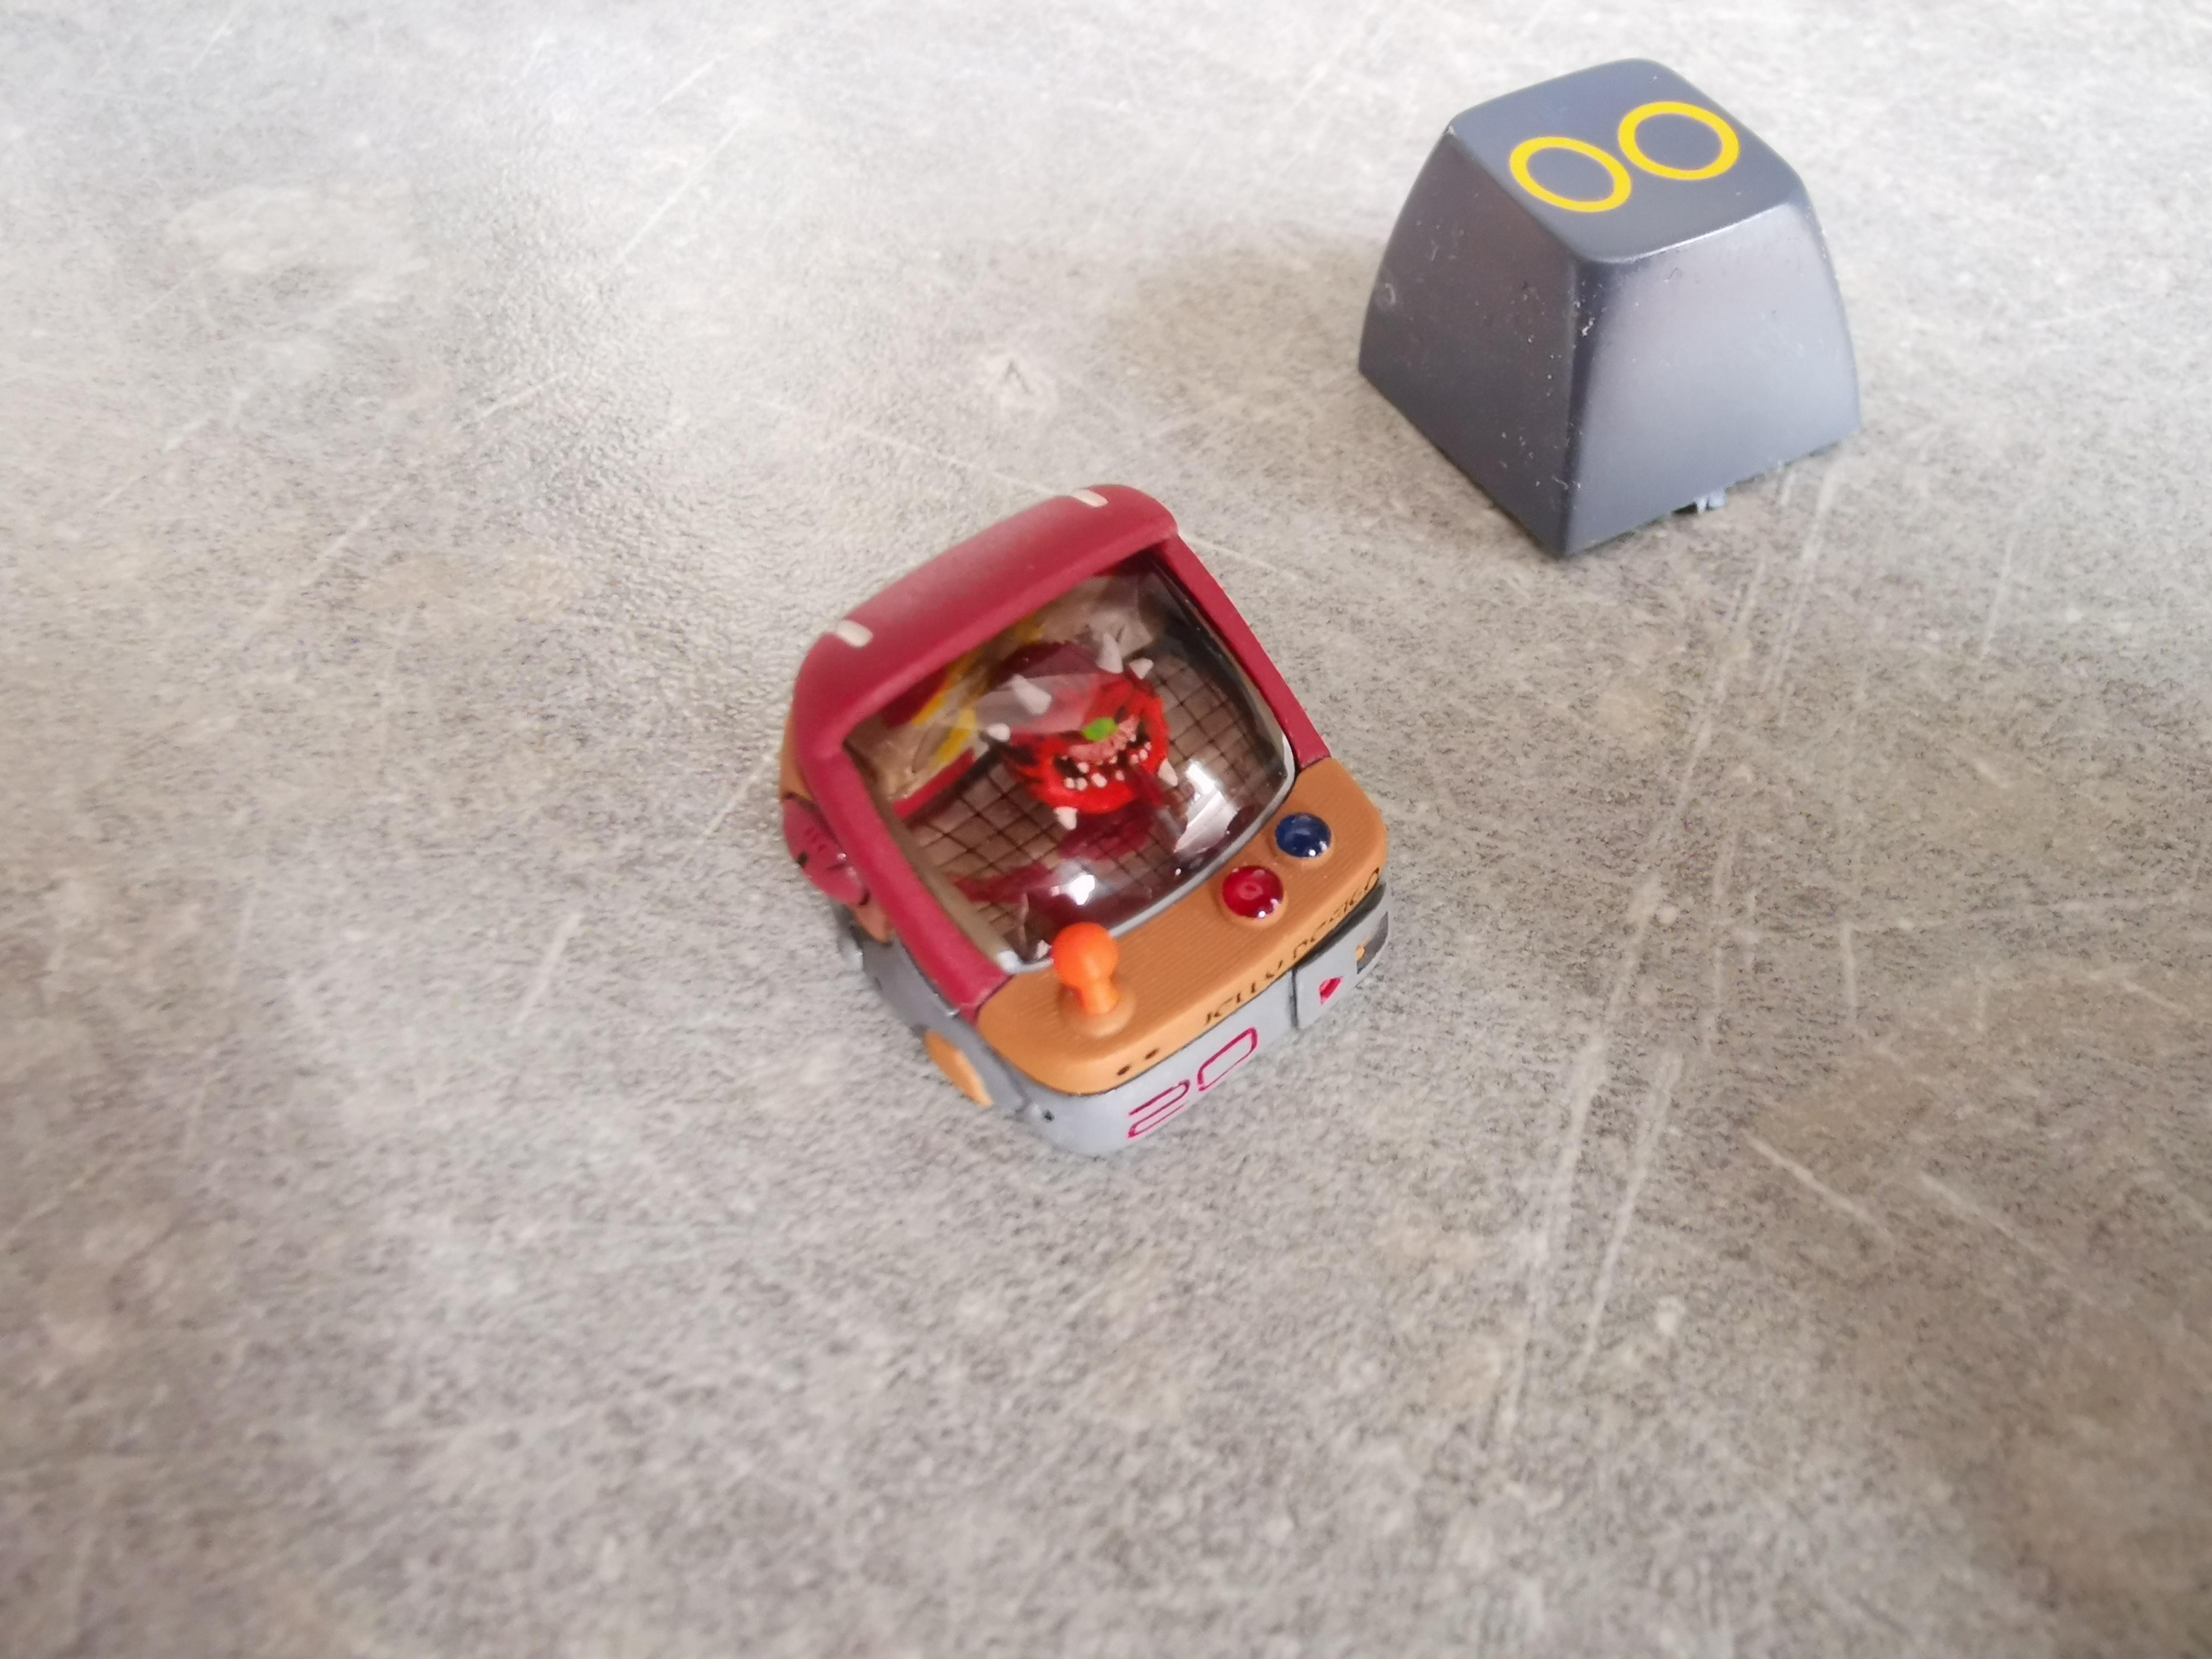 La nouvelle touche en forme de borne d'arcade avec l'ancienne touche classique qu'elle remplace